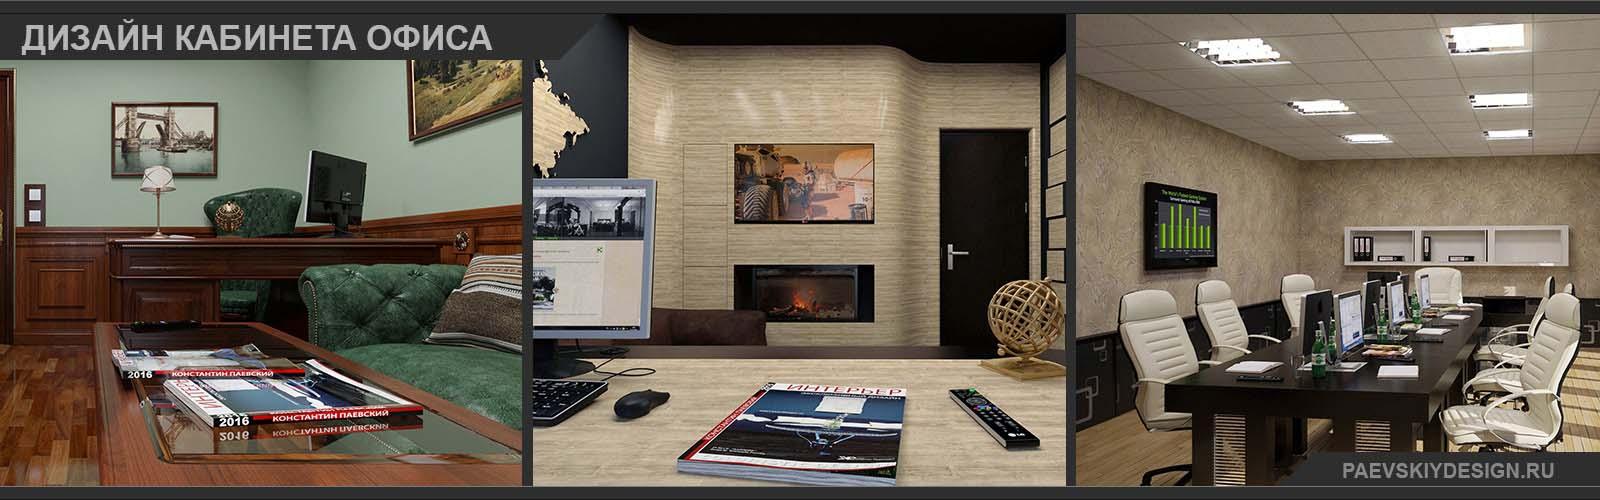 Дизайн проект интерьера офиса, кабинета в Москве